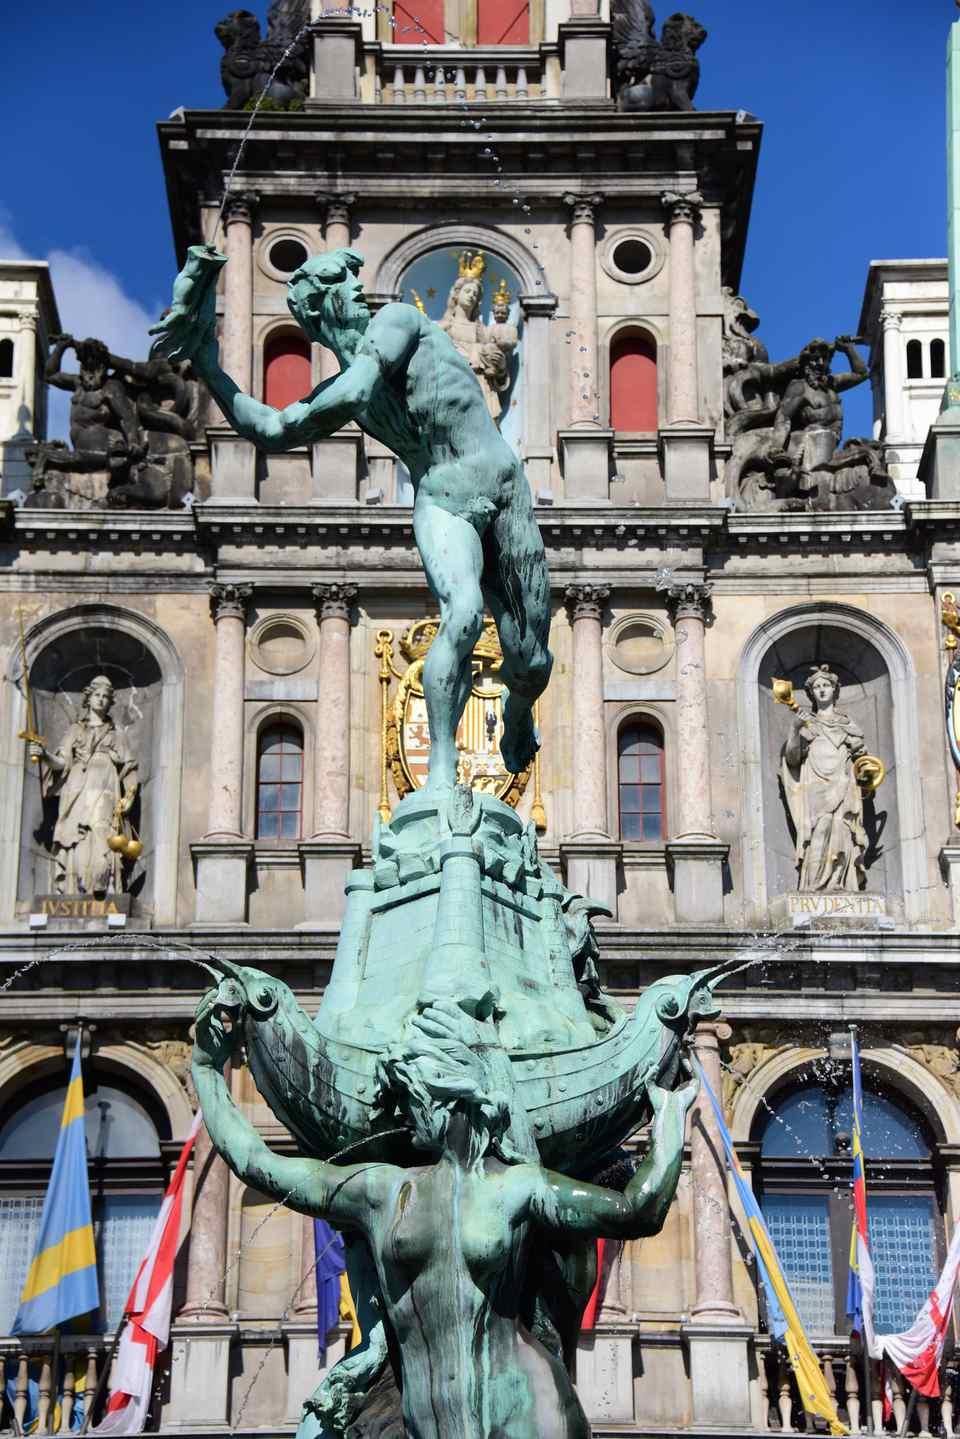 Giant's hand statue in Antwerp Belgium